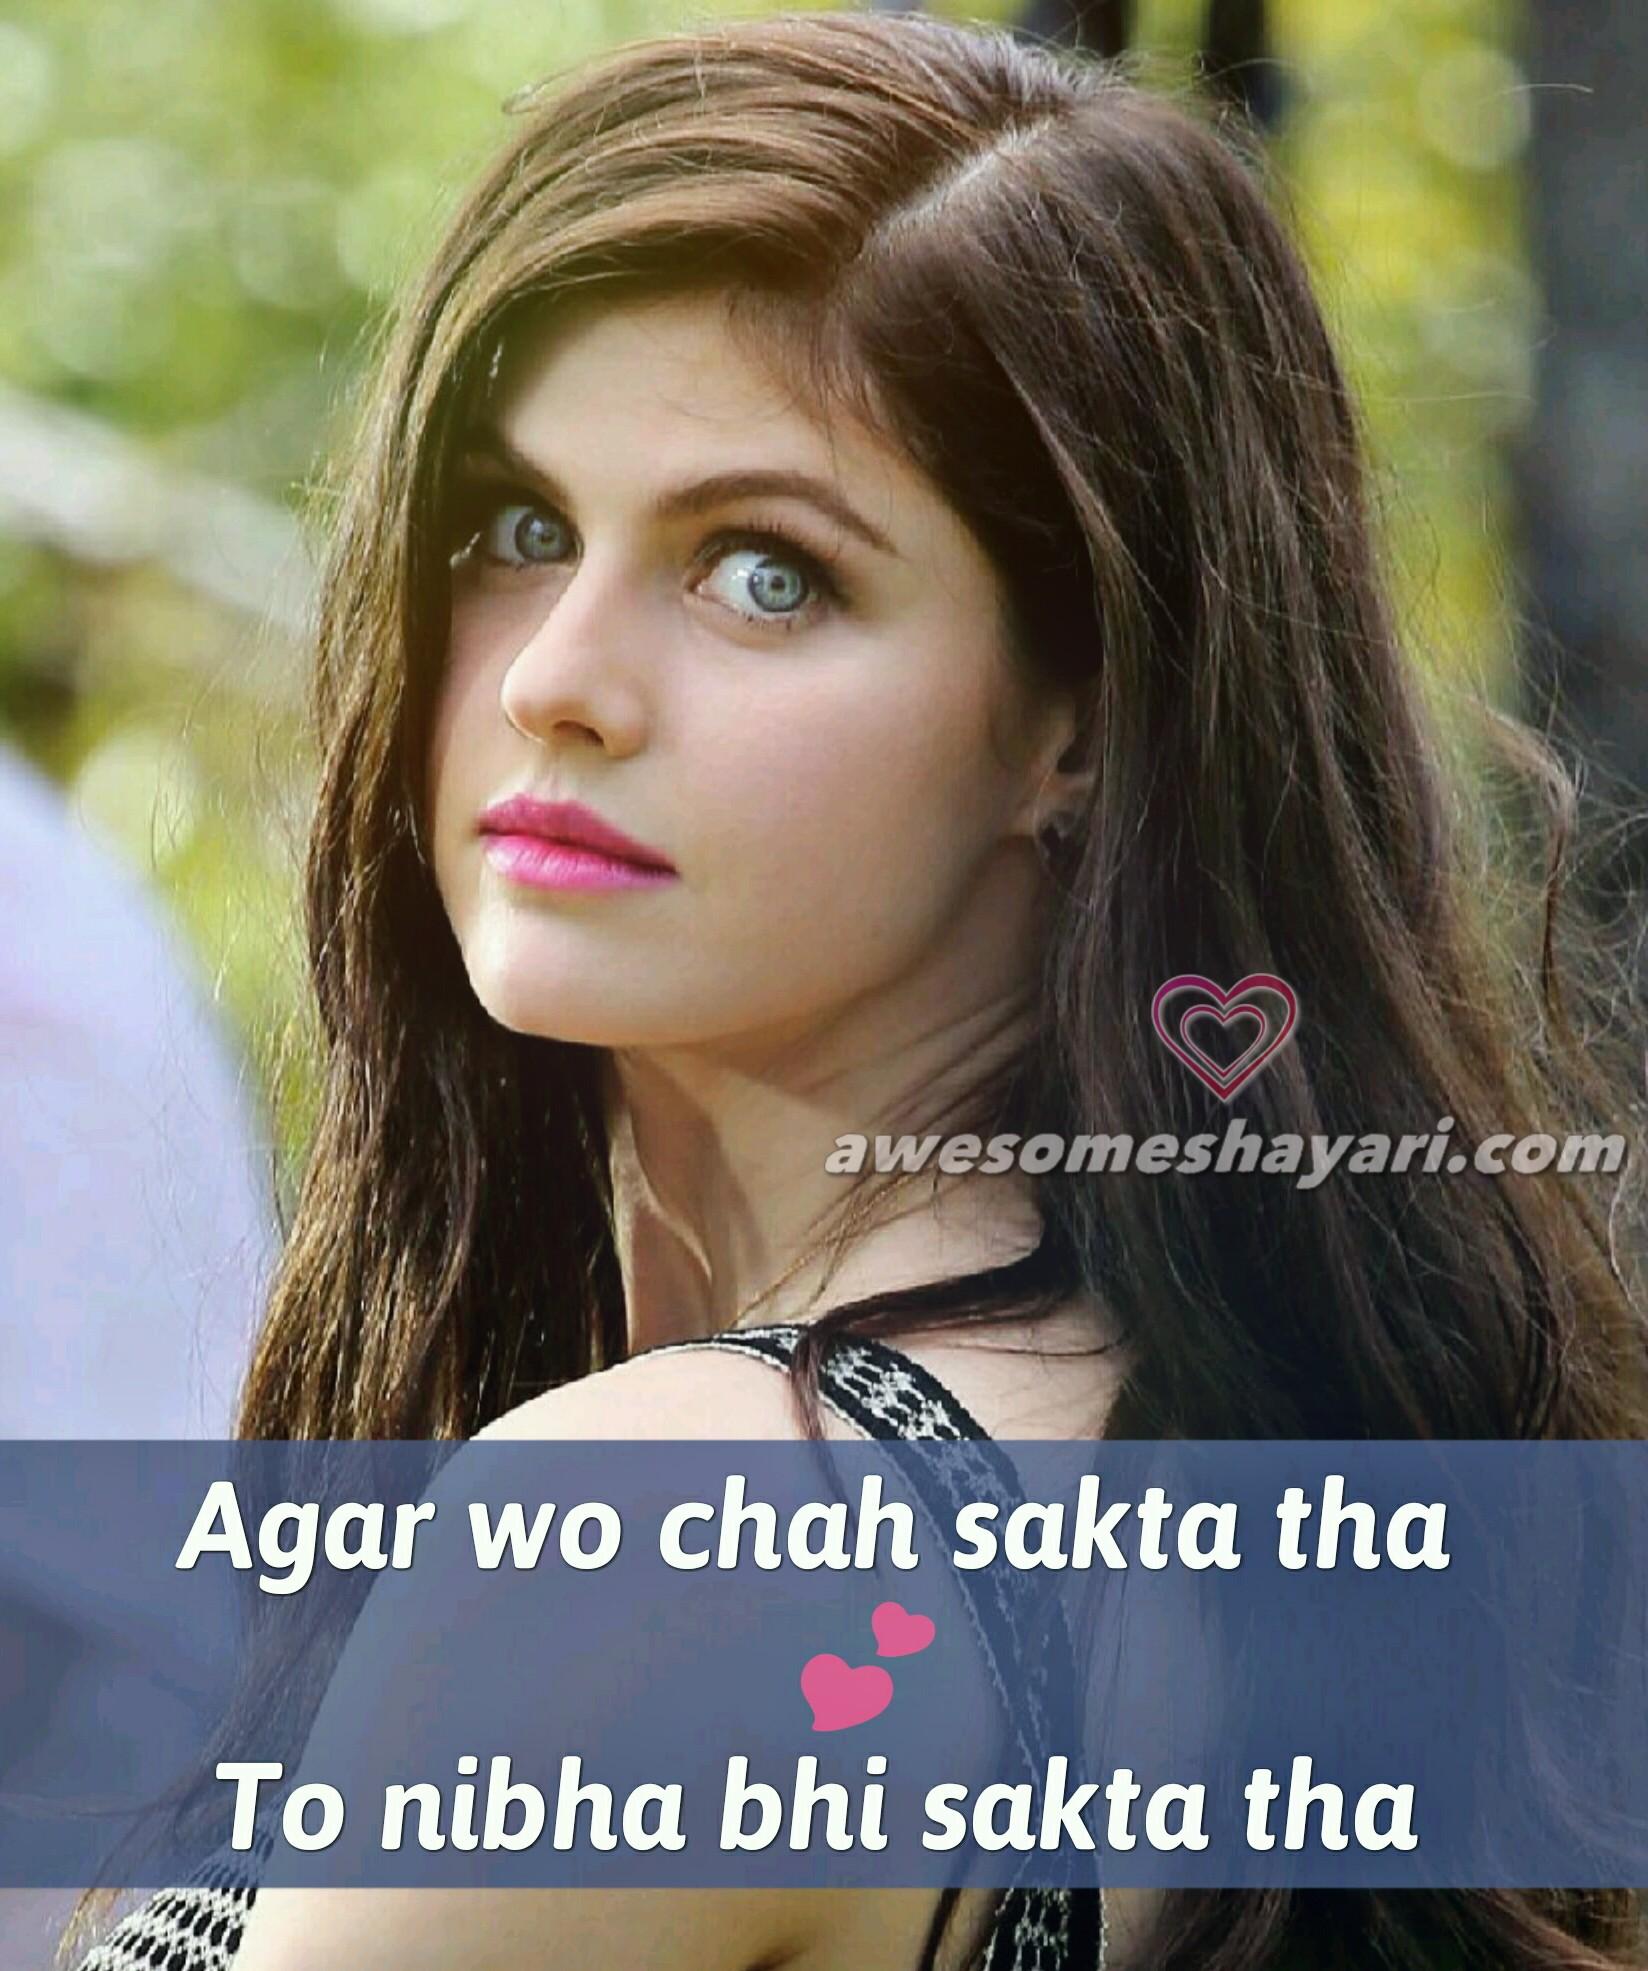 Chahat Shayari Image